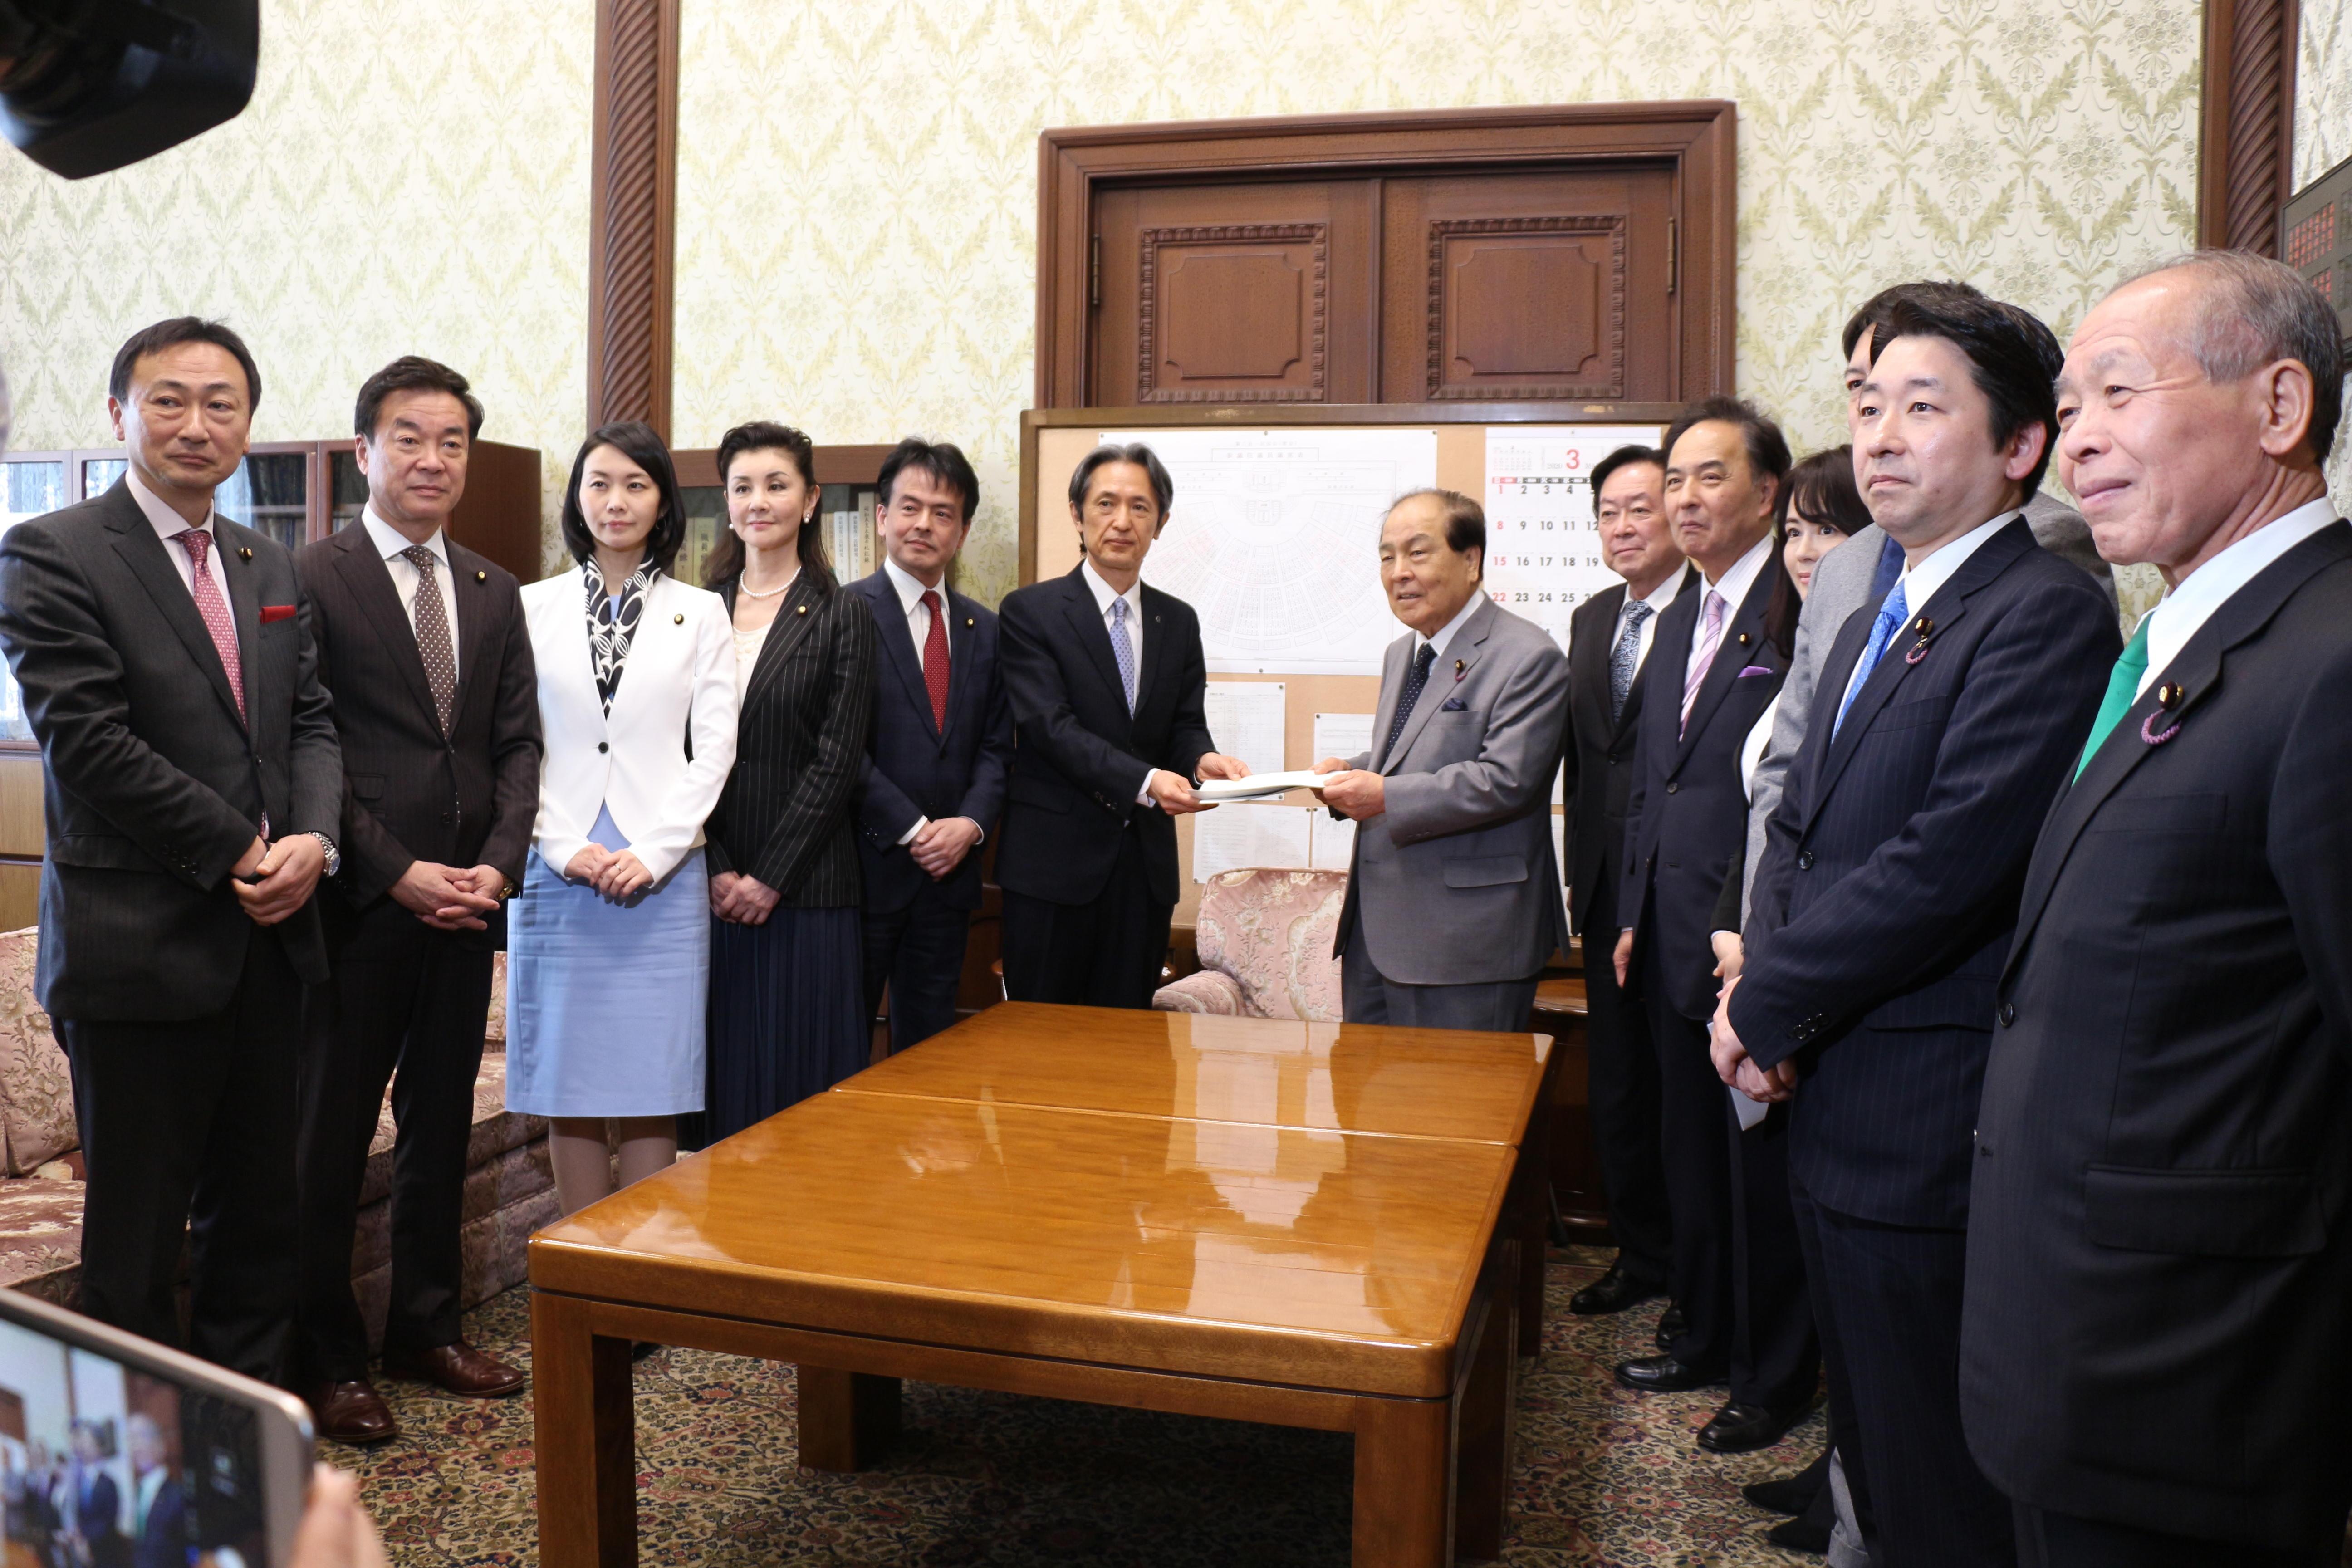 2020年3月24日(火)「公文書院設置法・公文書管理法改正案」を提出